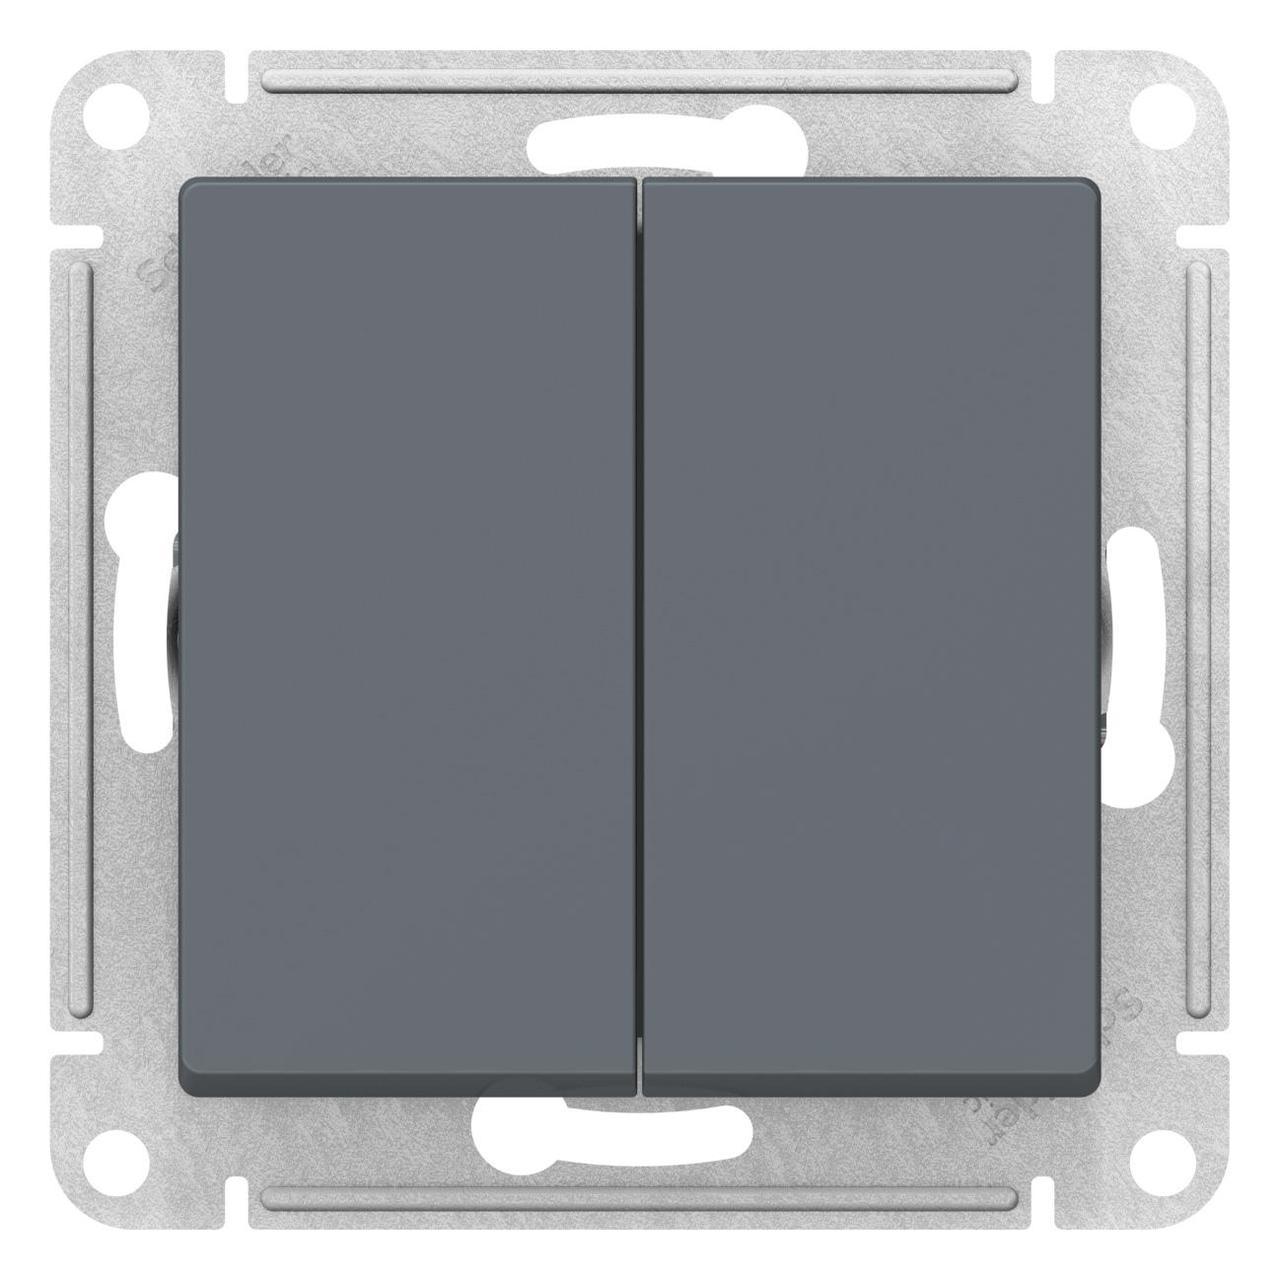 Выключатель 2-клавишный , Грифель, серия Atlas Design, Schneider Electric